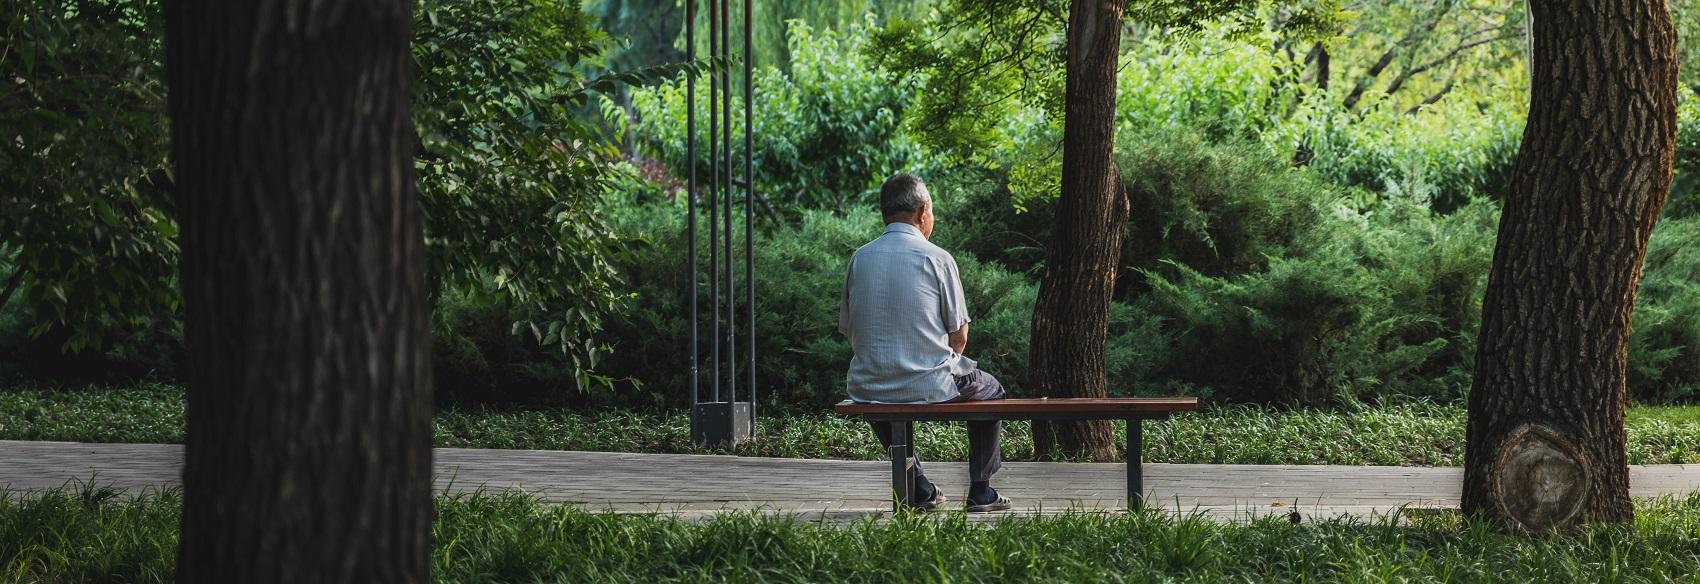 Если хотите расслабиться, отправляйтесь в китайский парк